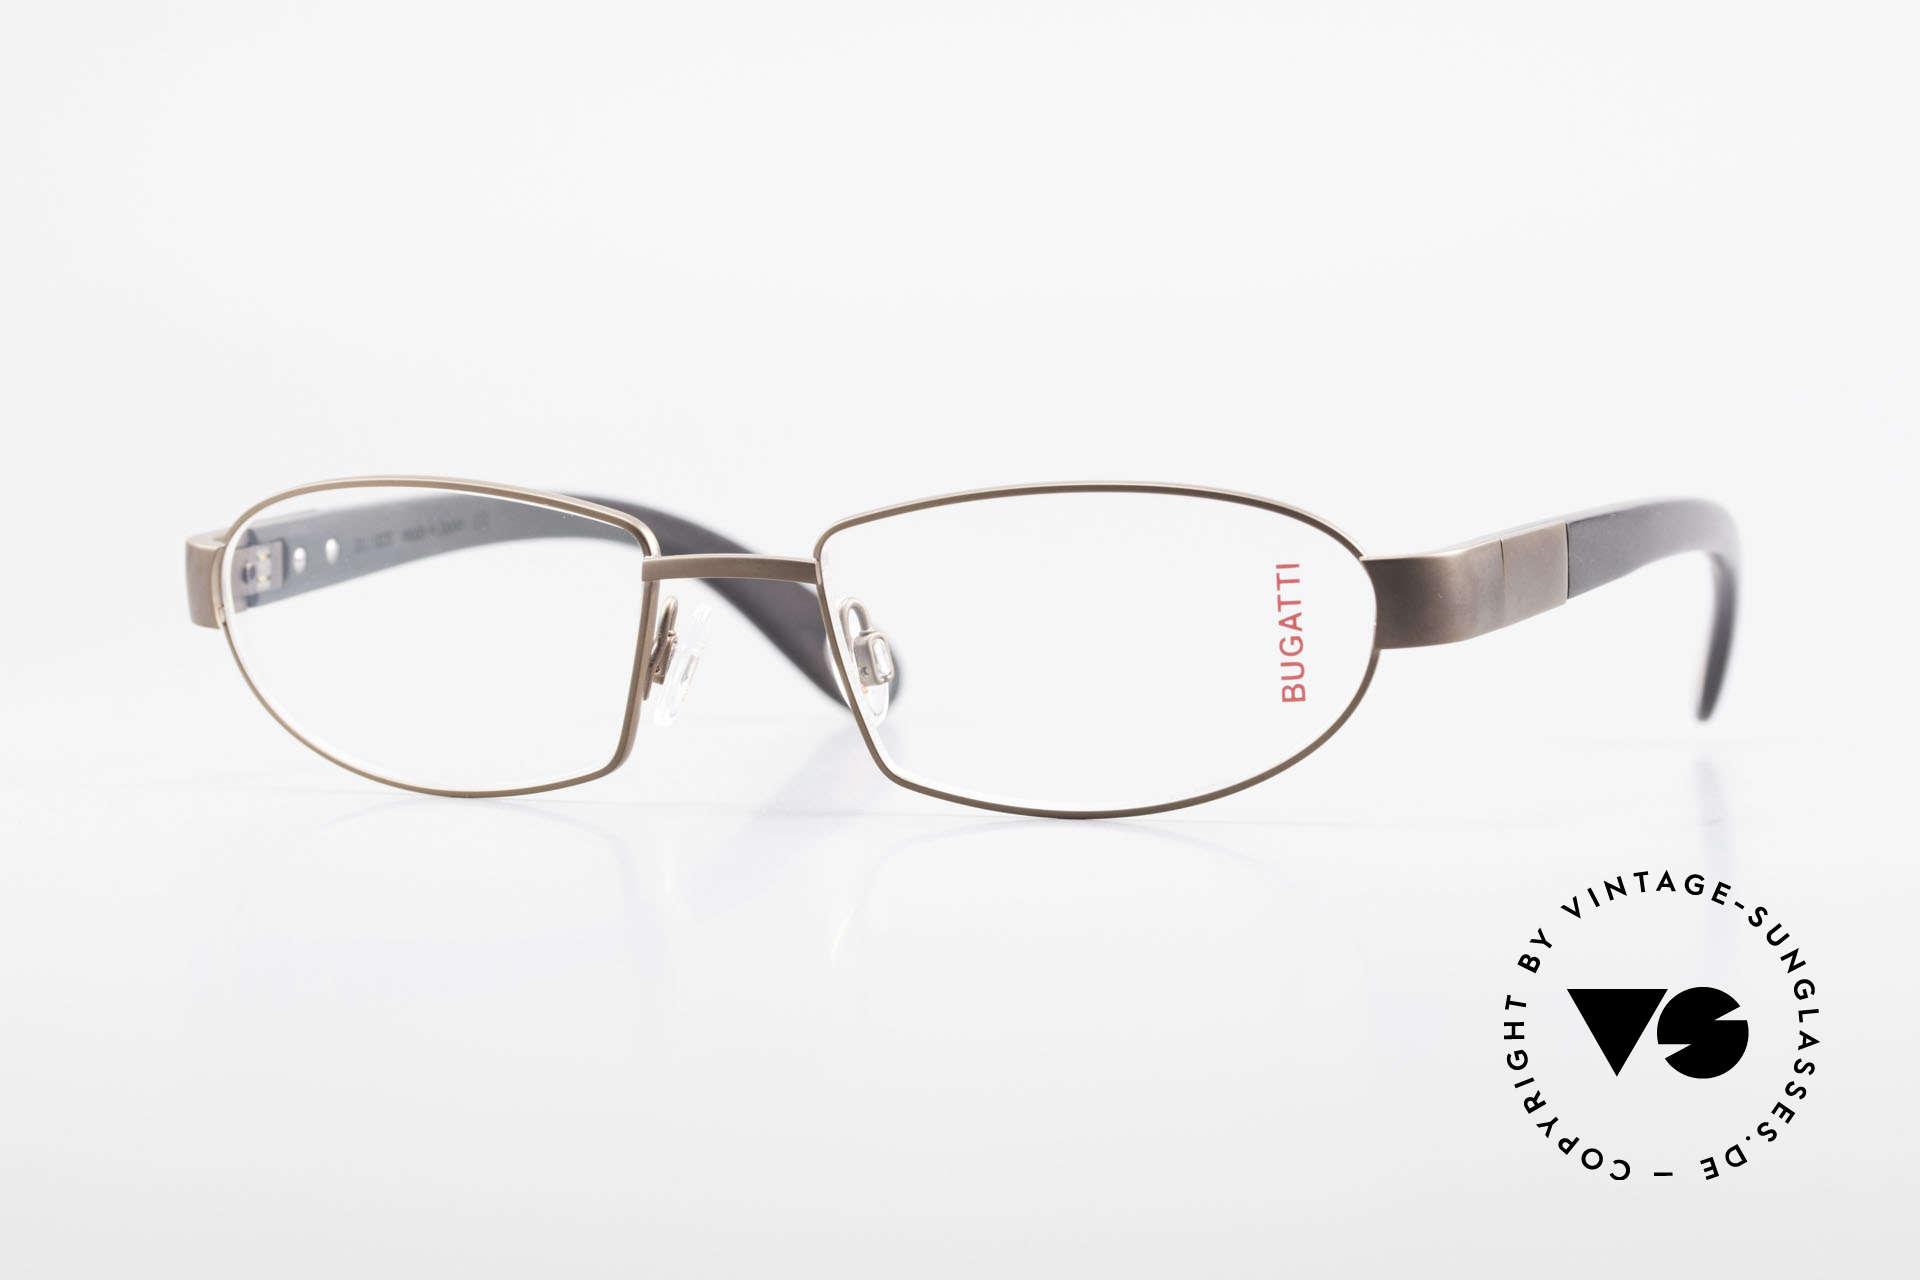 Bugatti 530 Ebony Wood Titanium Frame, luxury eyeglasses by BUGATTI, TOP-NOTCH quality, Made for Men